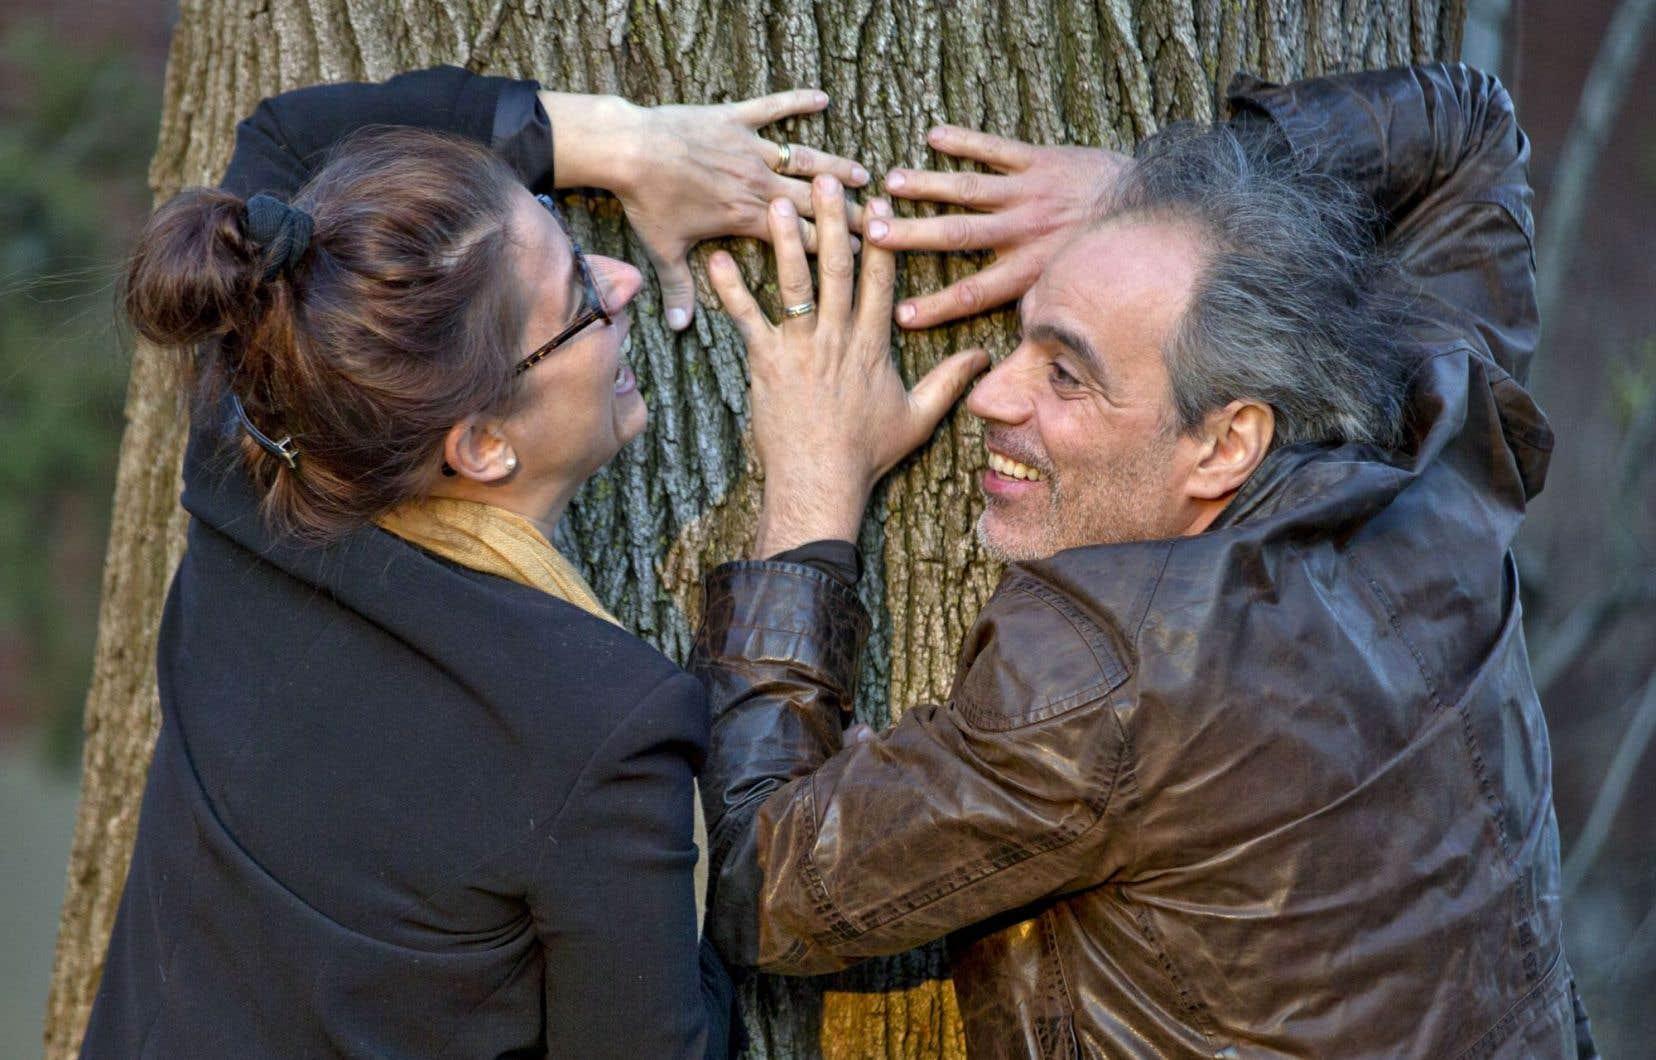 Les amoureux Audrey Murray et Jean-François Casabonne, mariés depuis 16ans. Dans la sève d'une relation s'inscrivent le jeu et la complicité du désir.